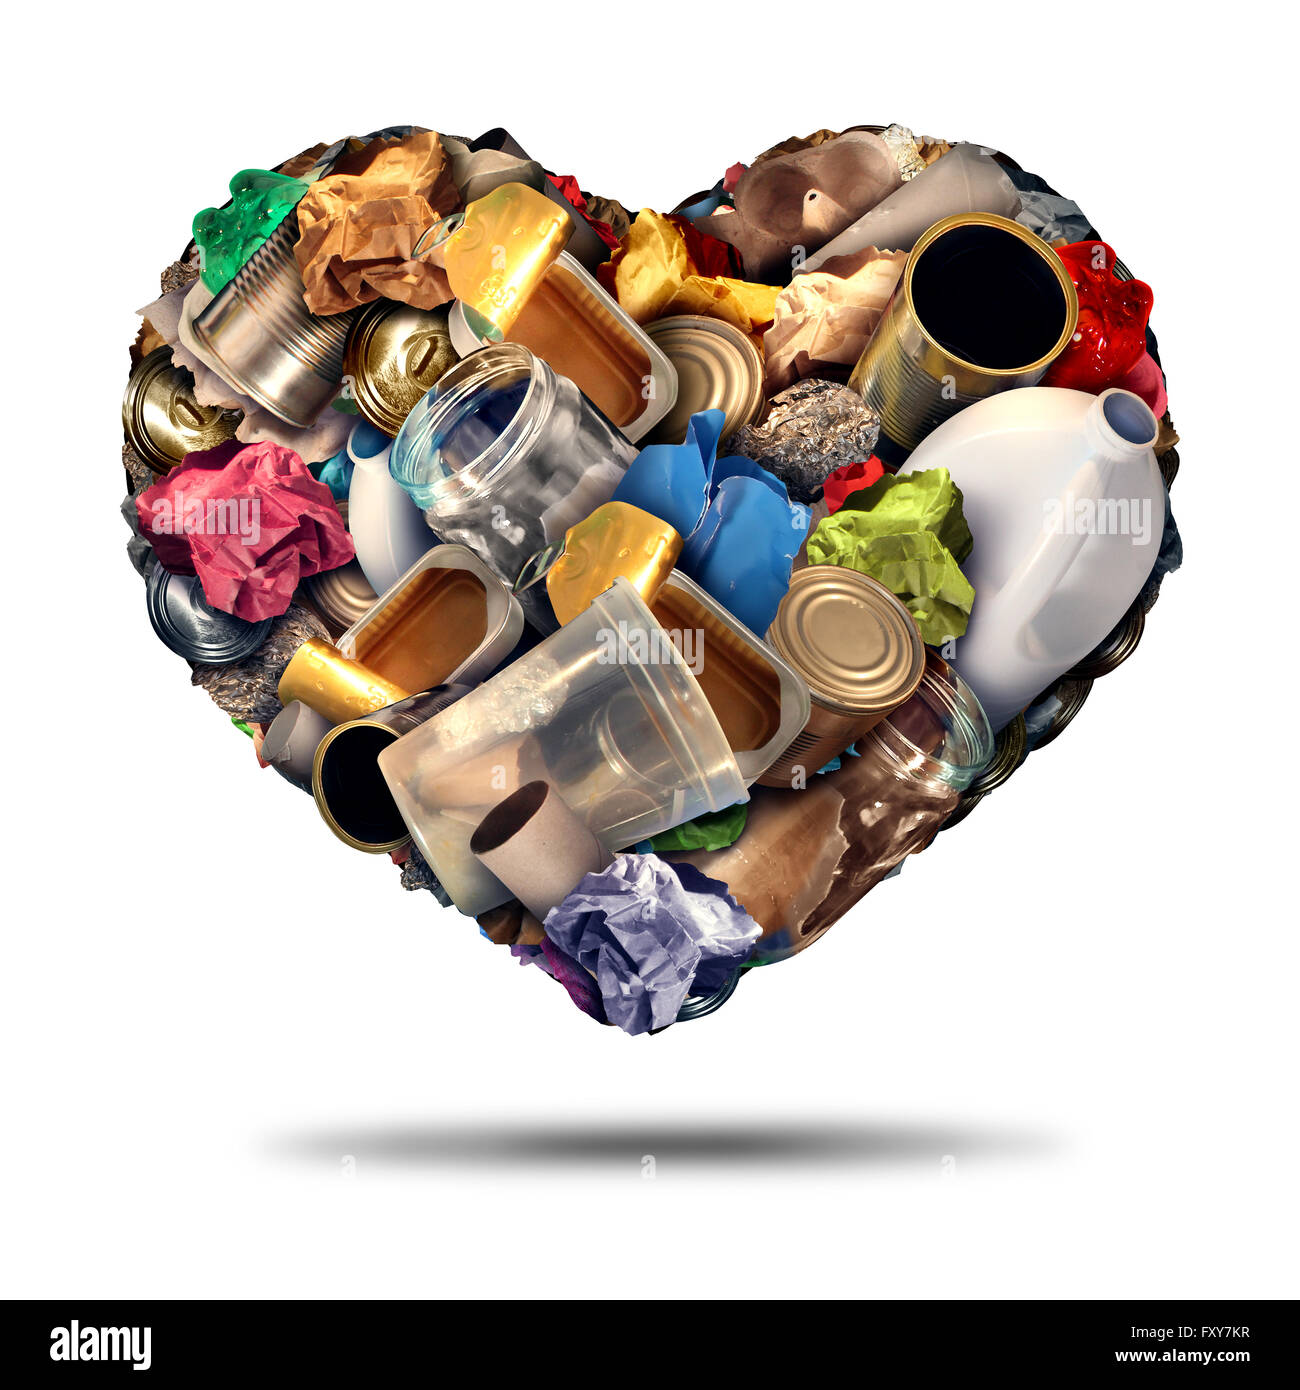 Riciclare il cuore simbolo di riciclaggio e riutilizzo di rottami di metallo e di plastica il concetto di carta Immagini Stock